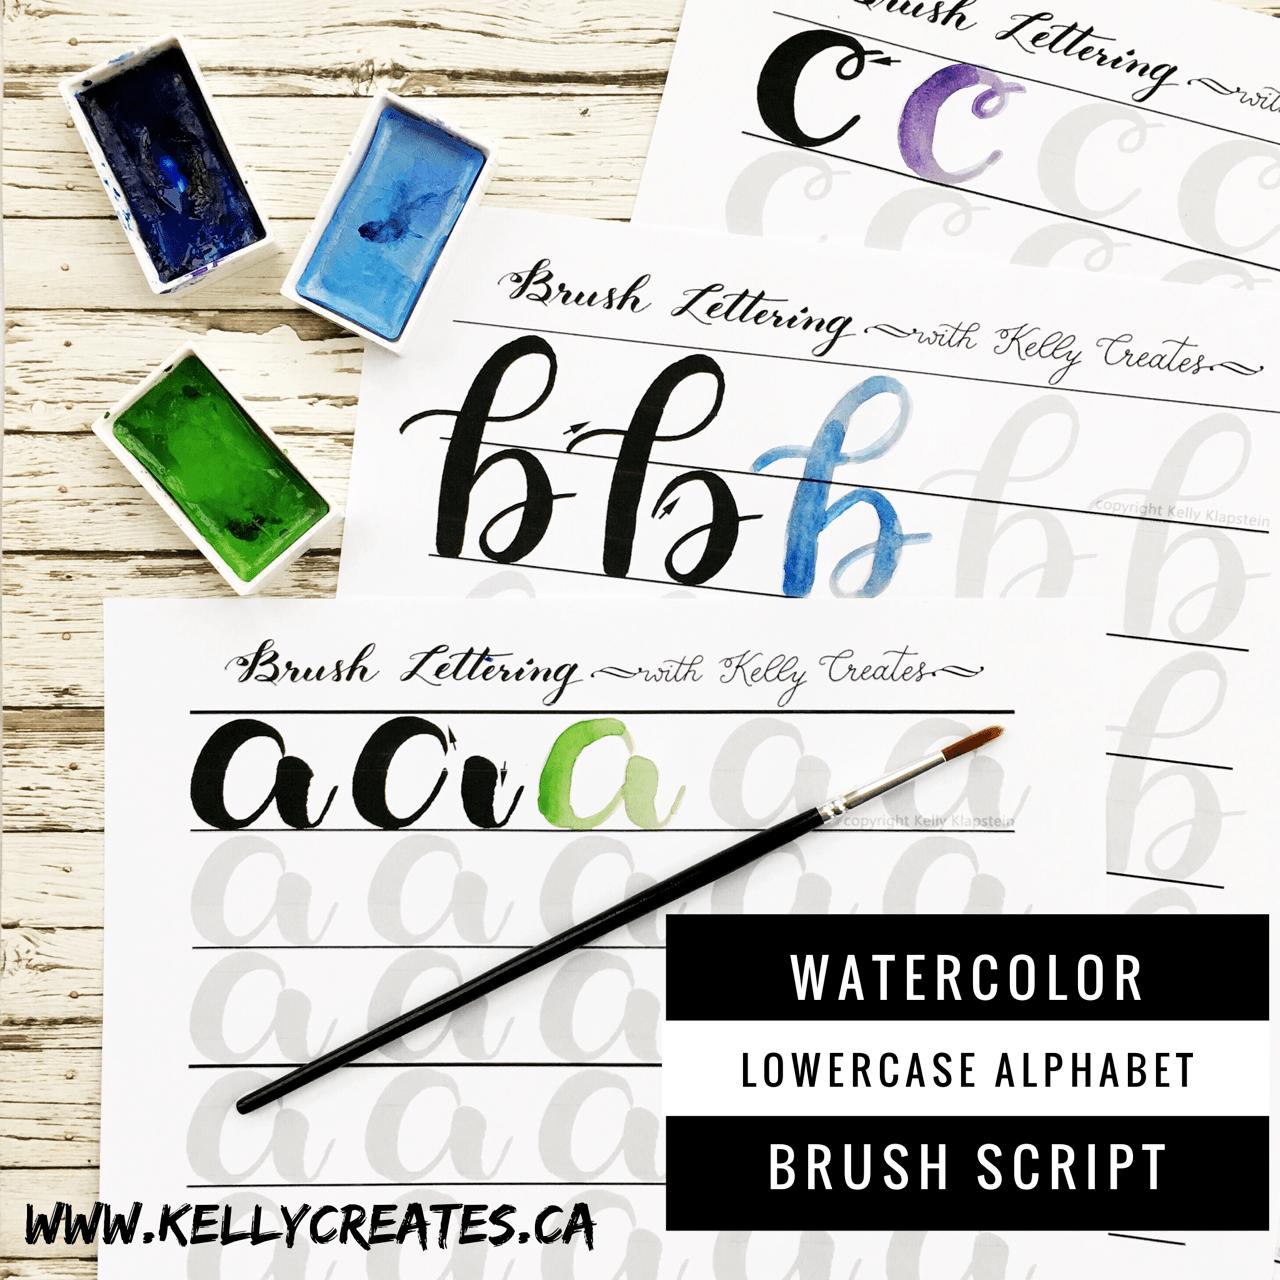 Watercolor Brush Lettering Worksheets Have Arrived